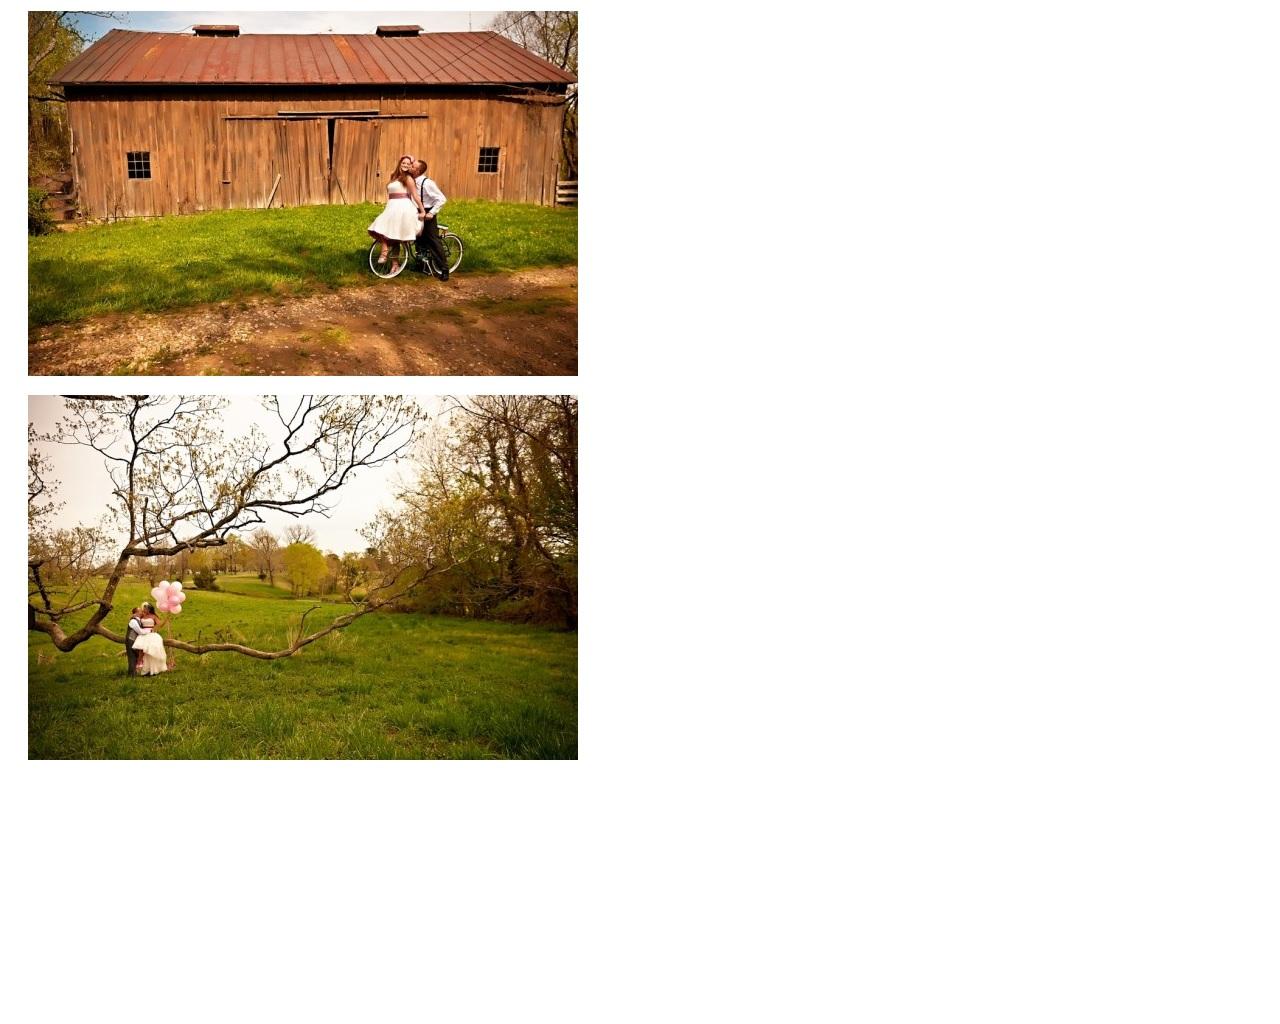 bride & groom on bicycle